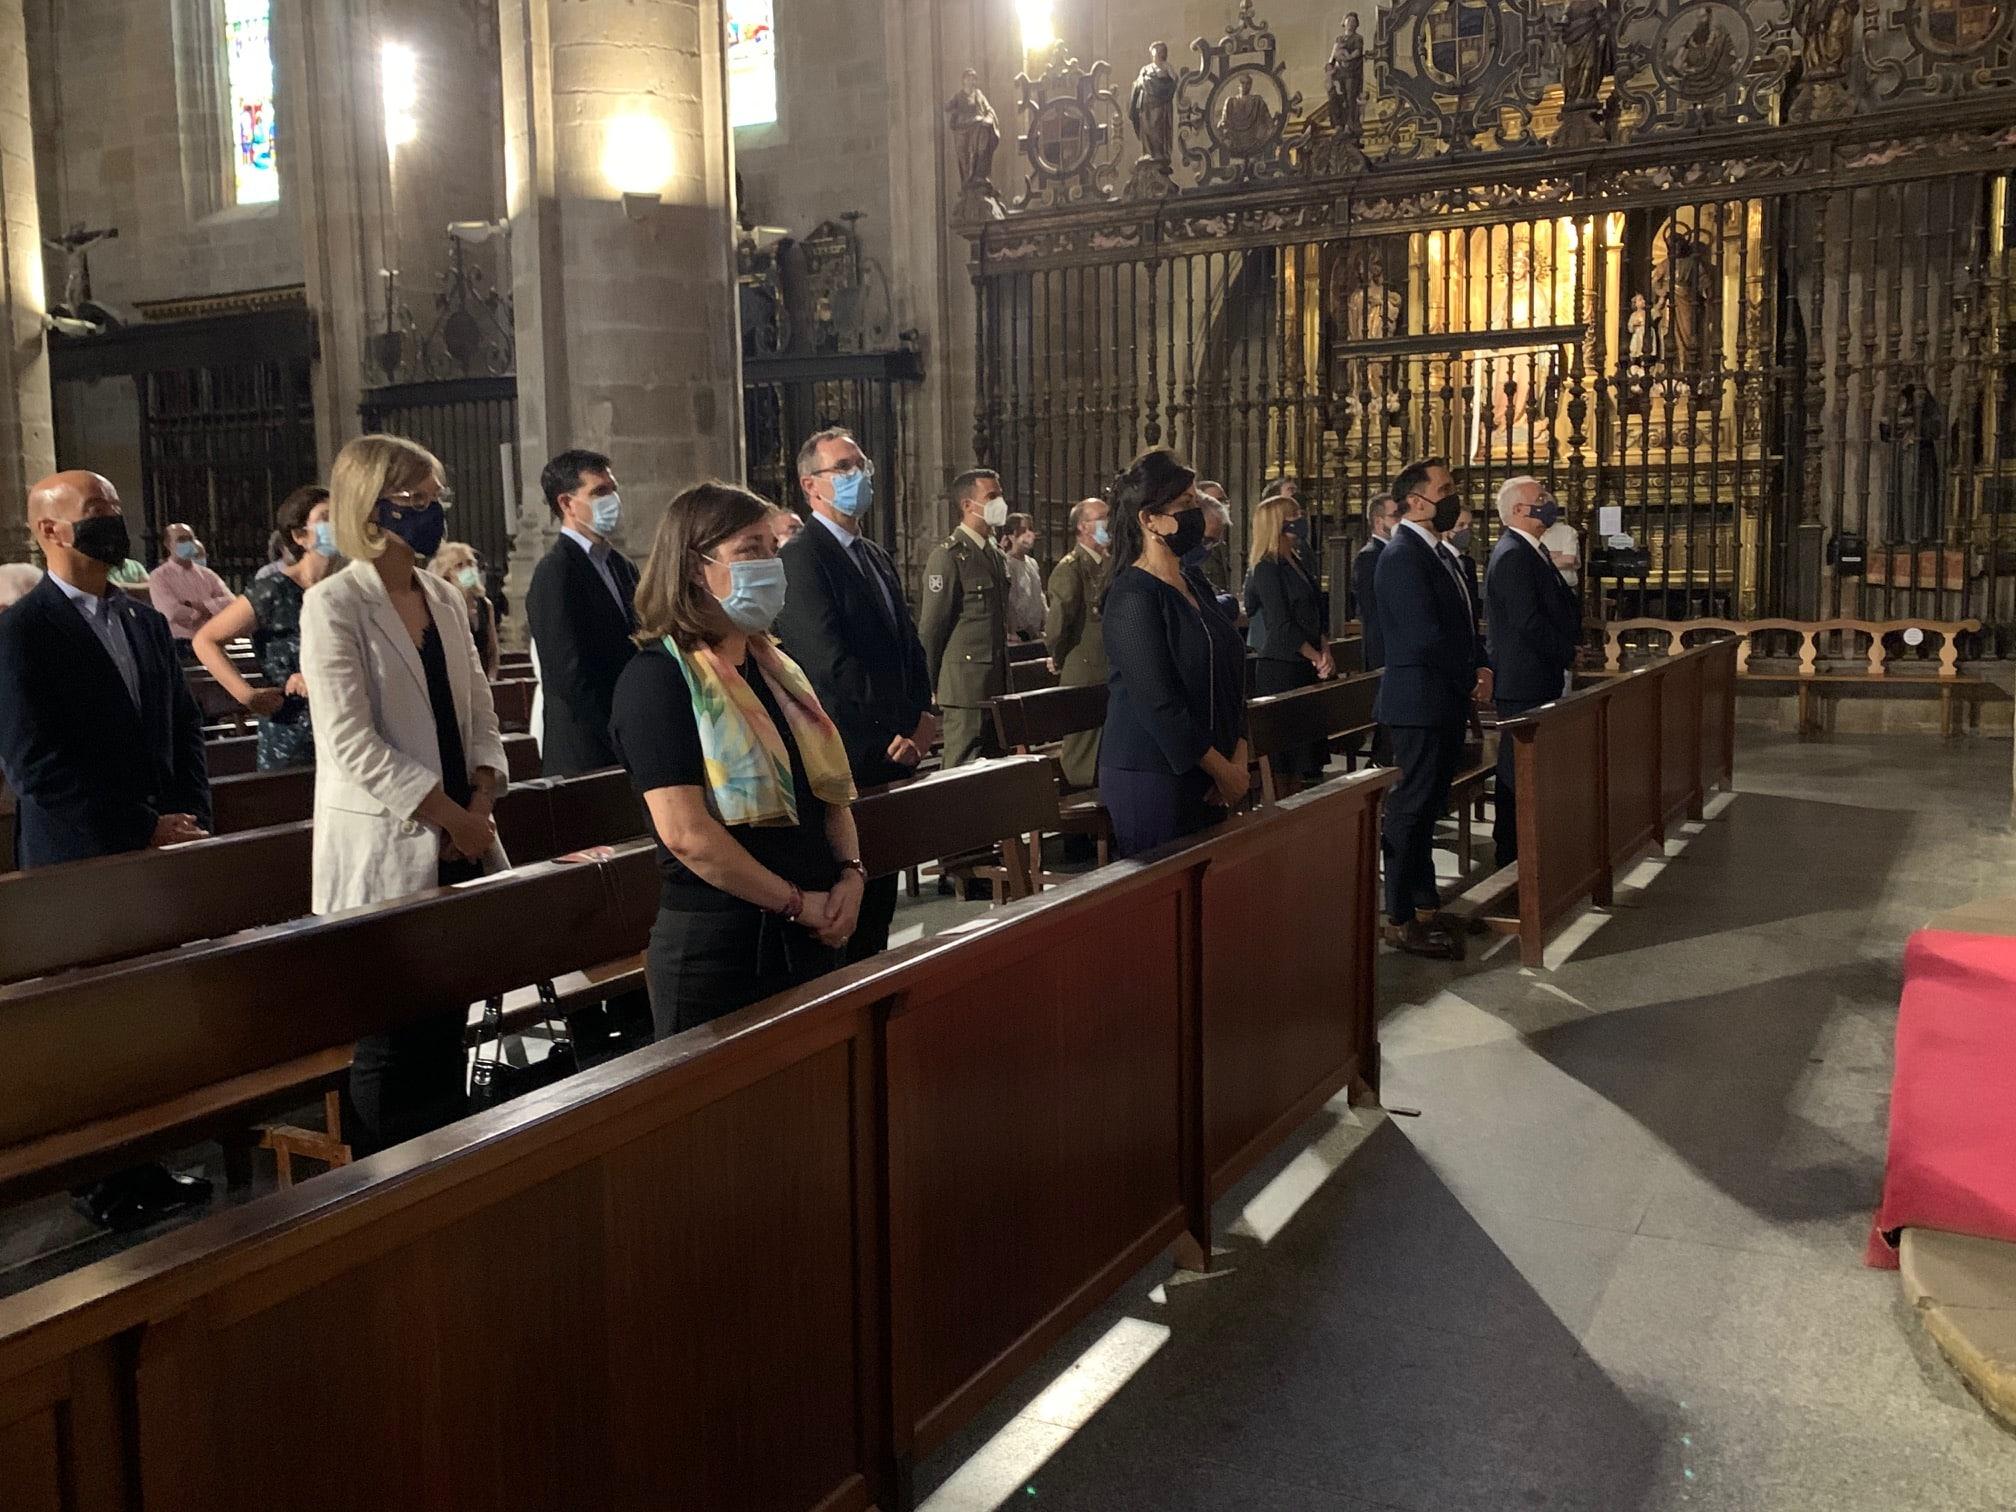 La Rioja rinde homenaje a las víctimas de la pandemia con una misa funeral 2